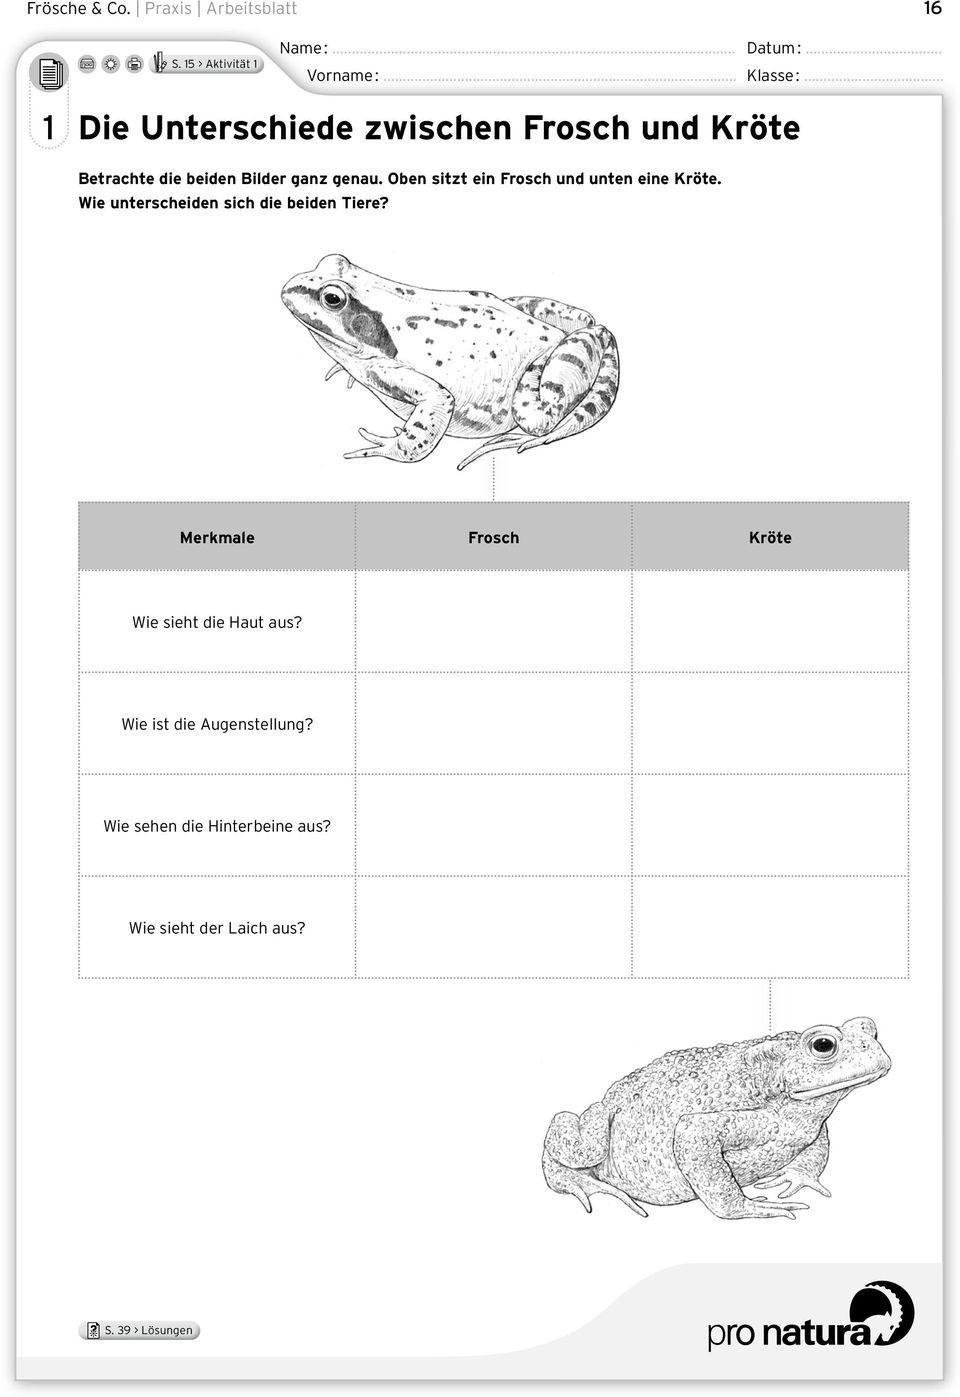 Frosche Amp Co Ein Leben Zwischen Wasser Und Land Pdf Innen Entwicklung Frosch Arbeitsblatt Frosch Arbeitsblatter Arbeit